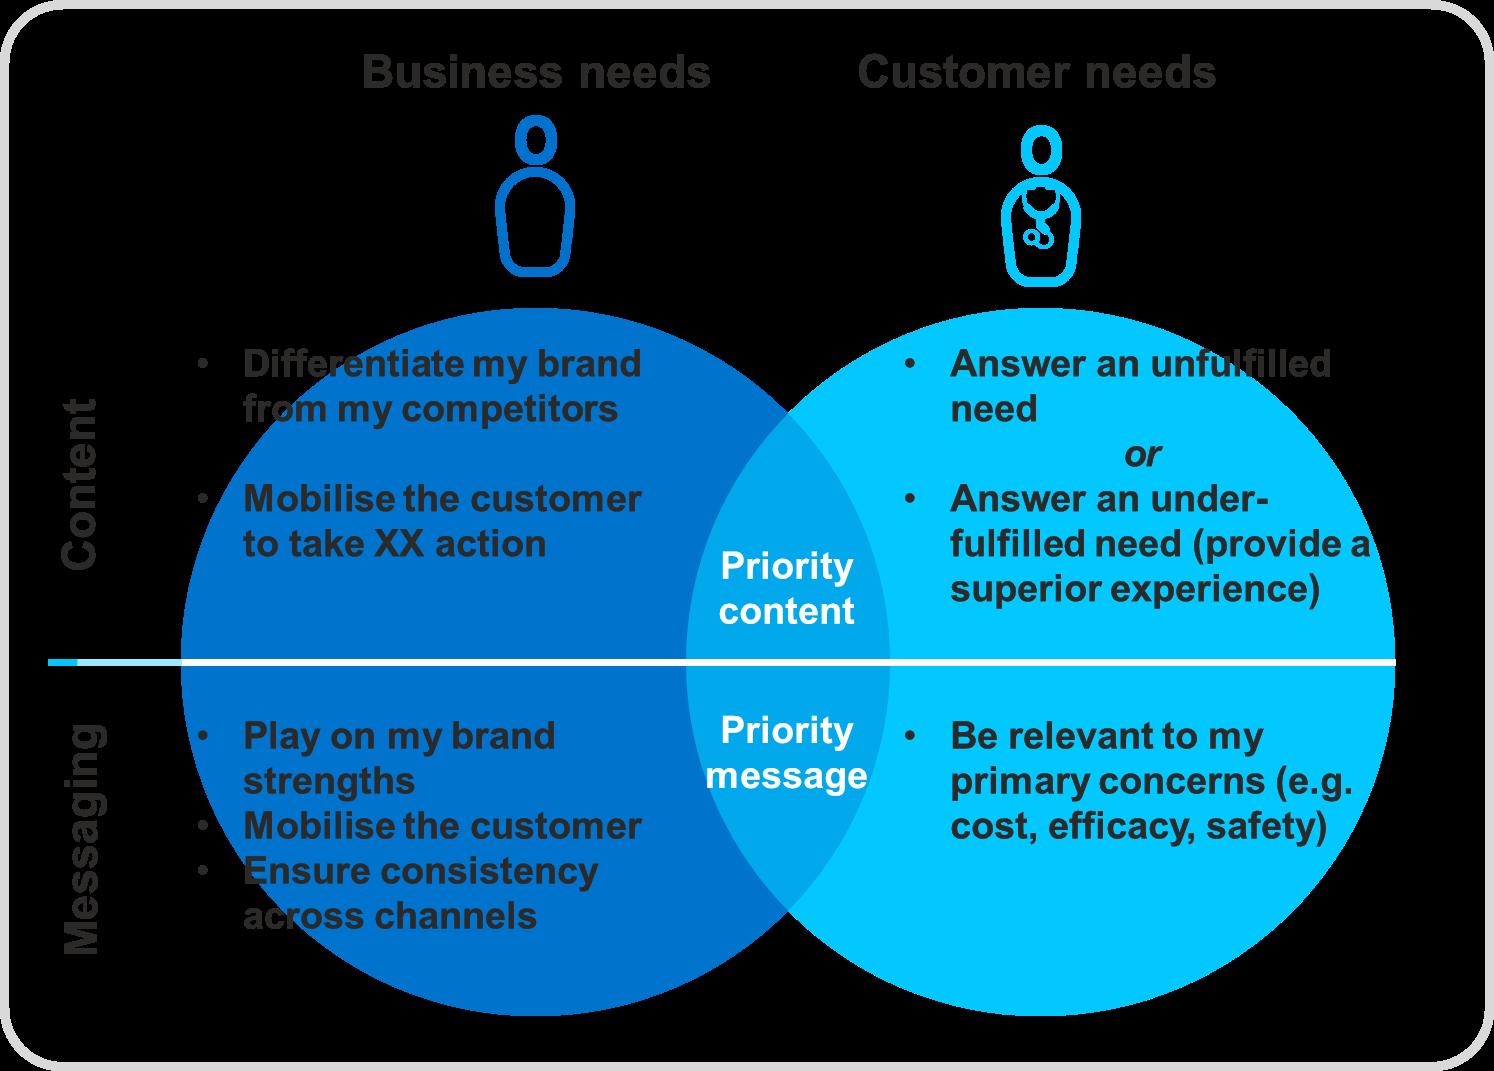 bisogni azienda e consumatori